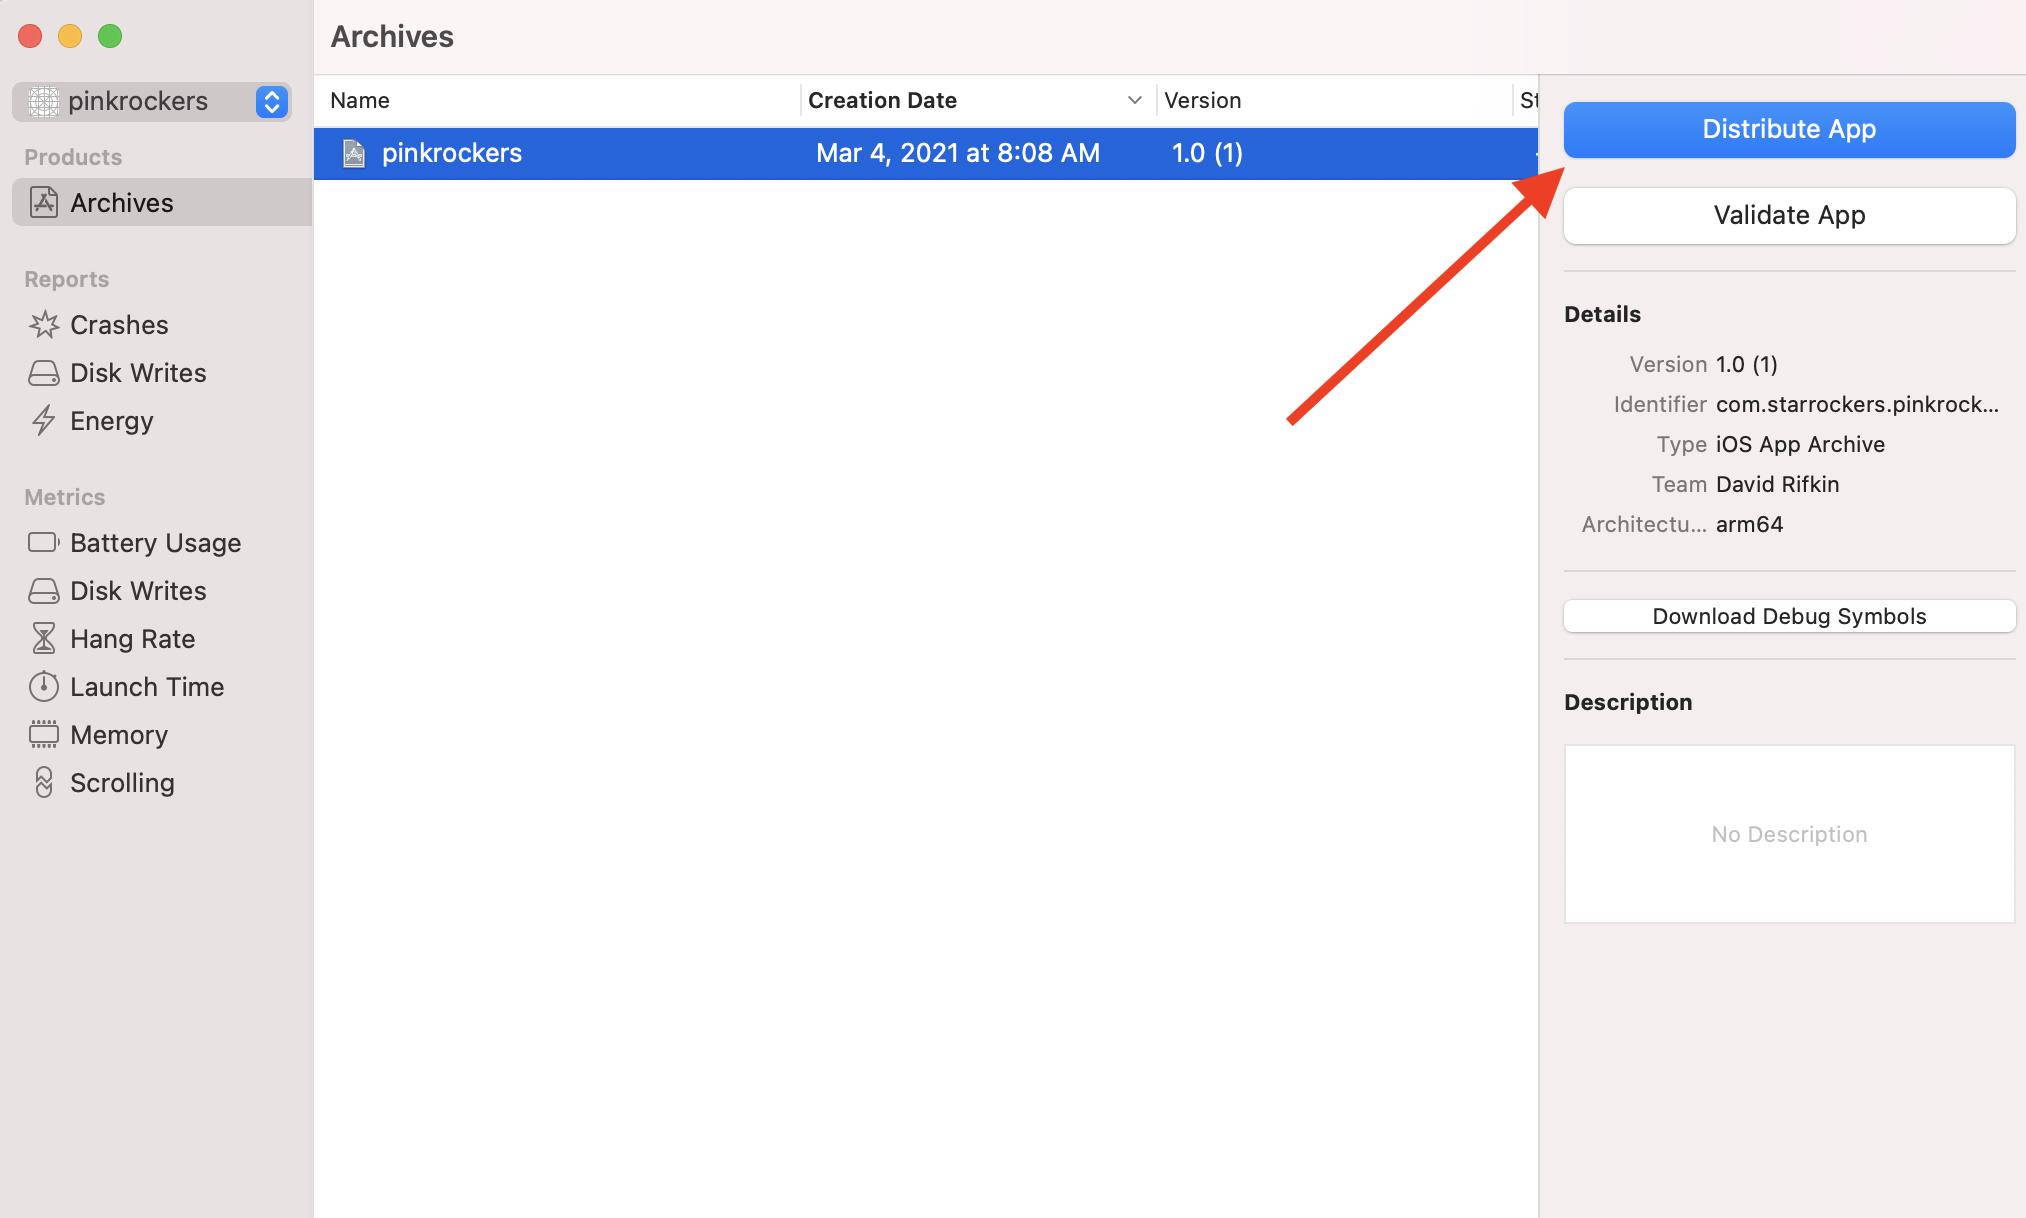 Organizer distribute app button